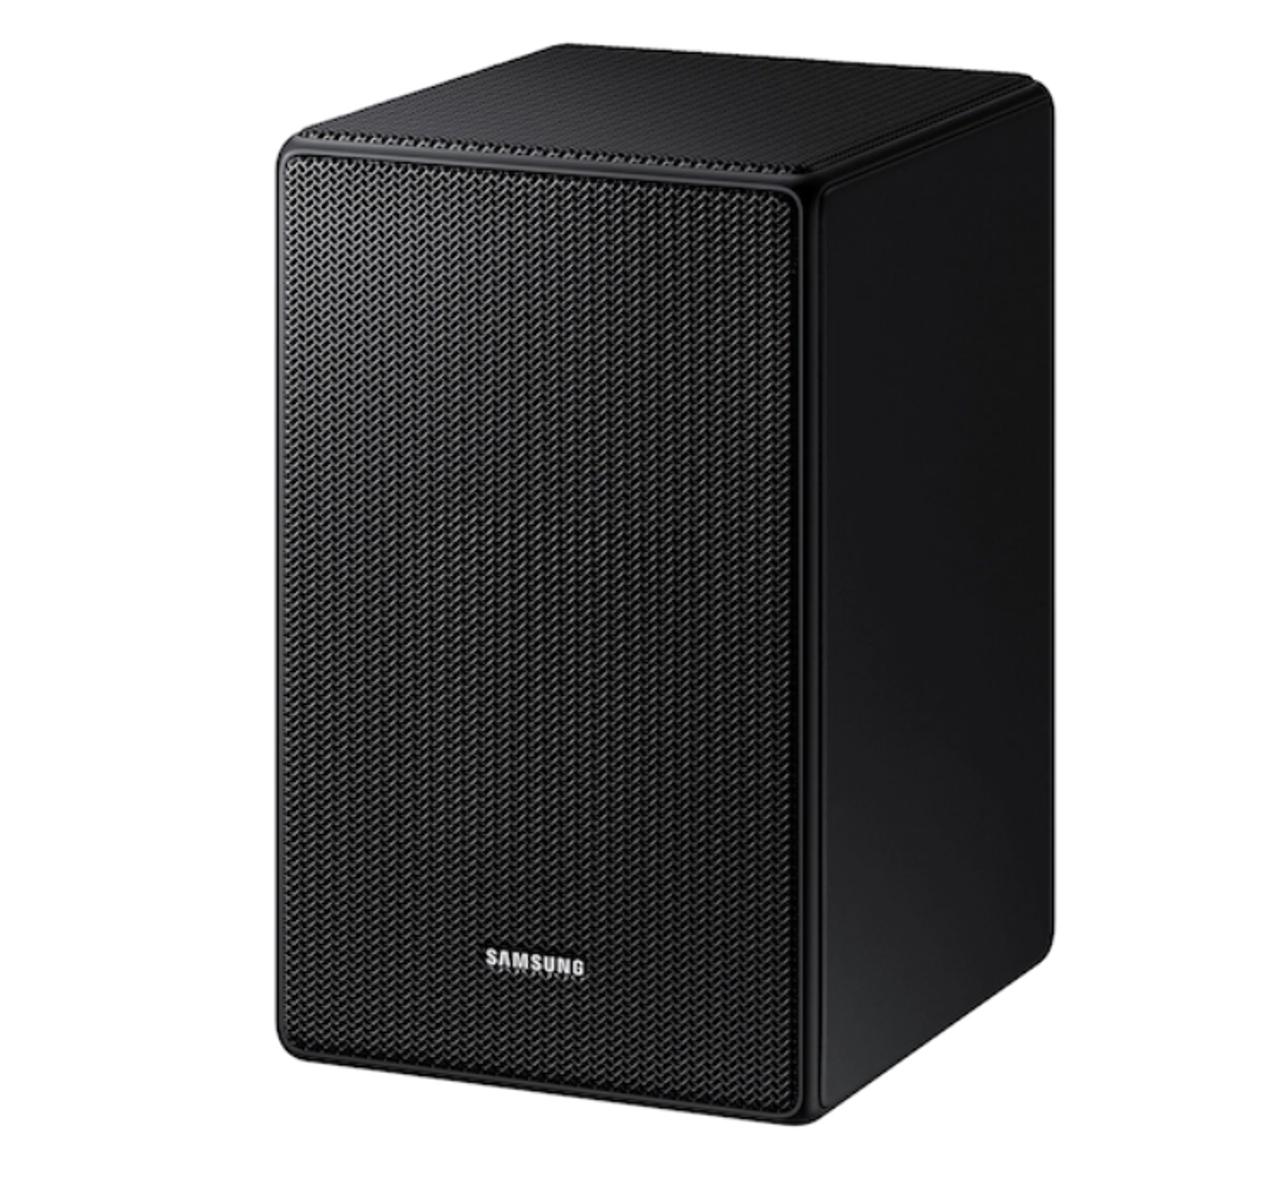 Samsung SWA-9500S 2.0.2 Channel Wireless Rear Soundbar Speaker Kit